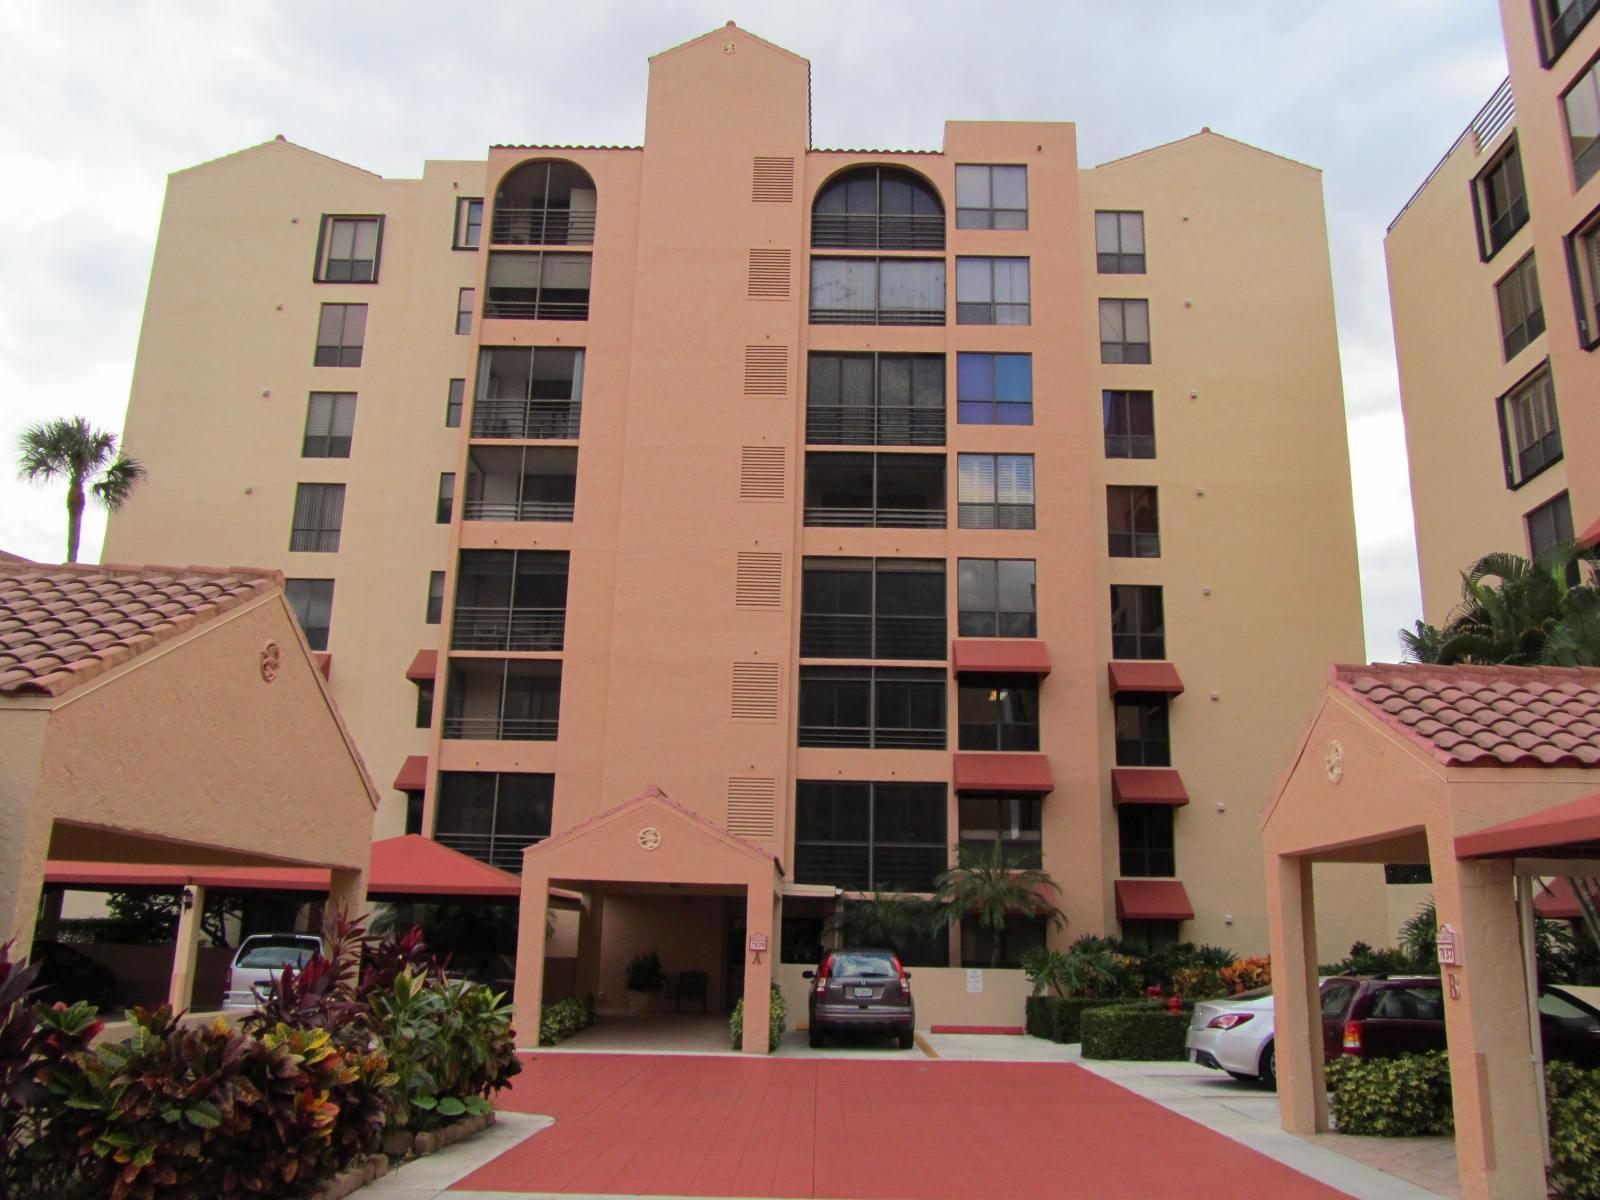 7129 Promenade Drive #501 Boca Raton, FL 33433